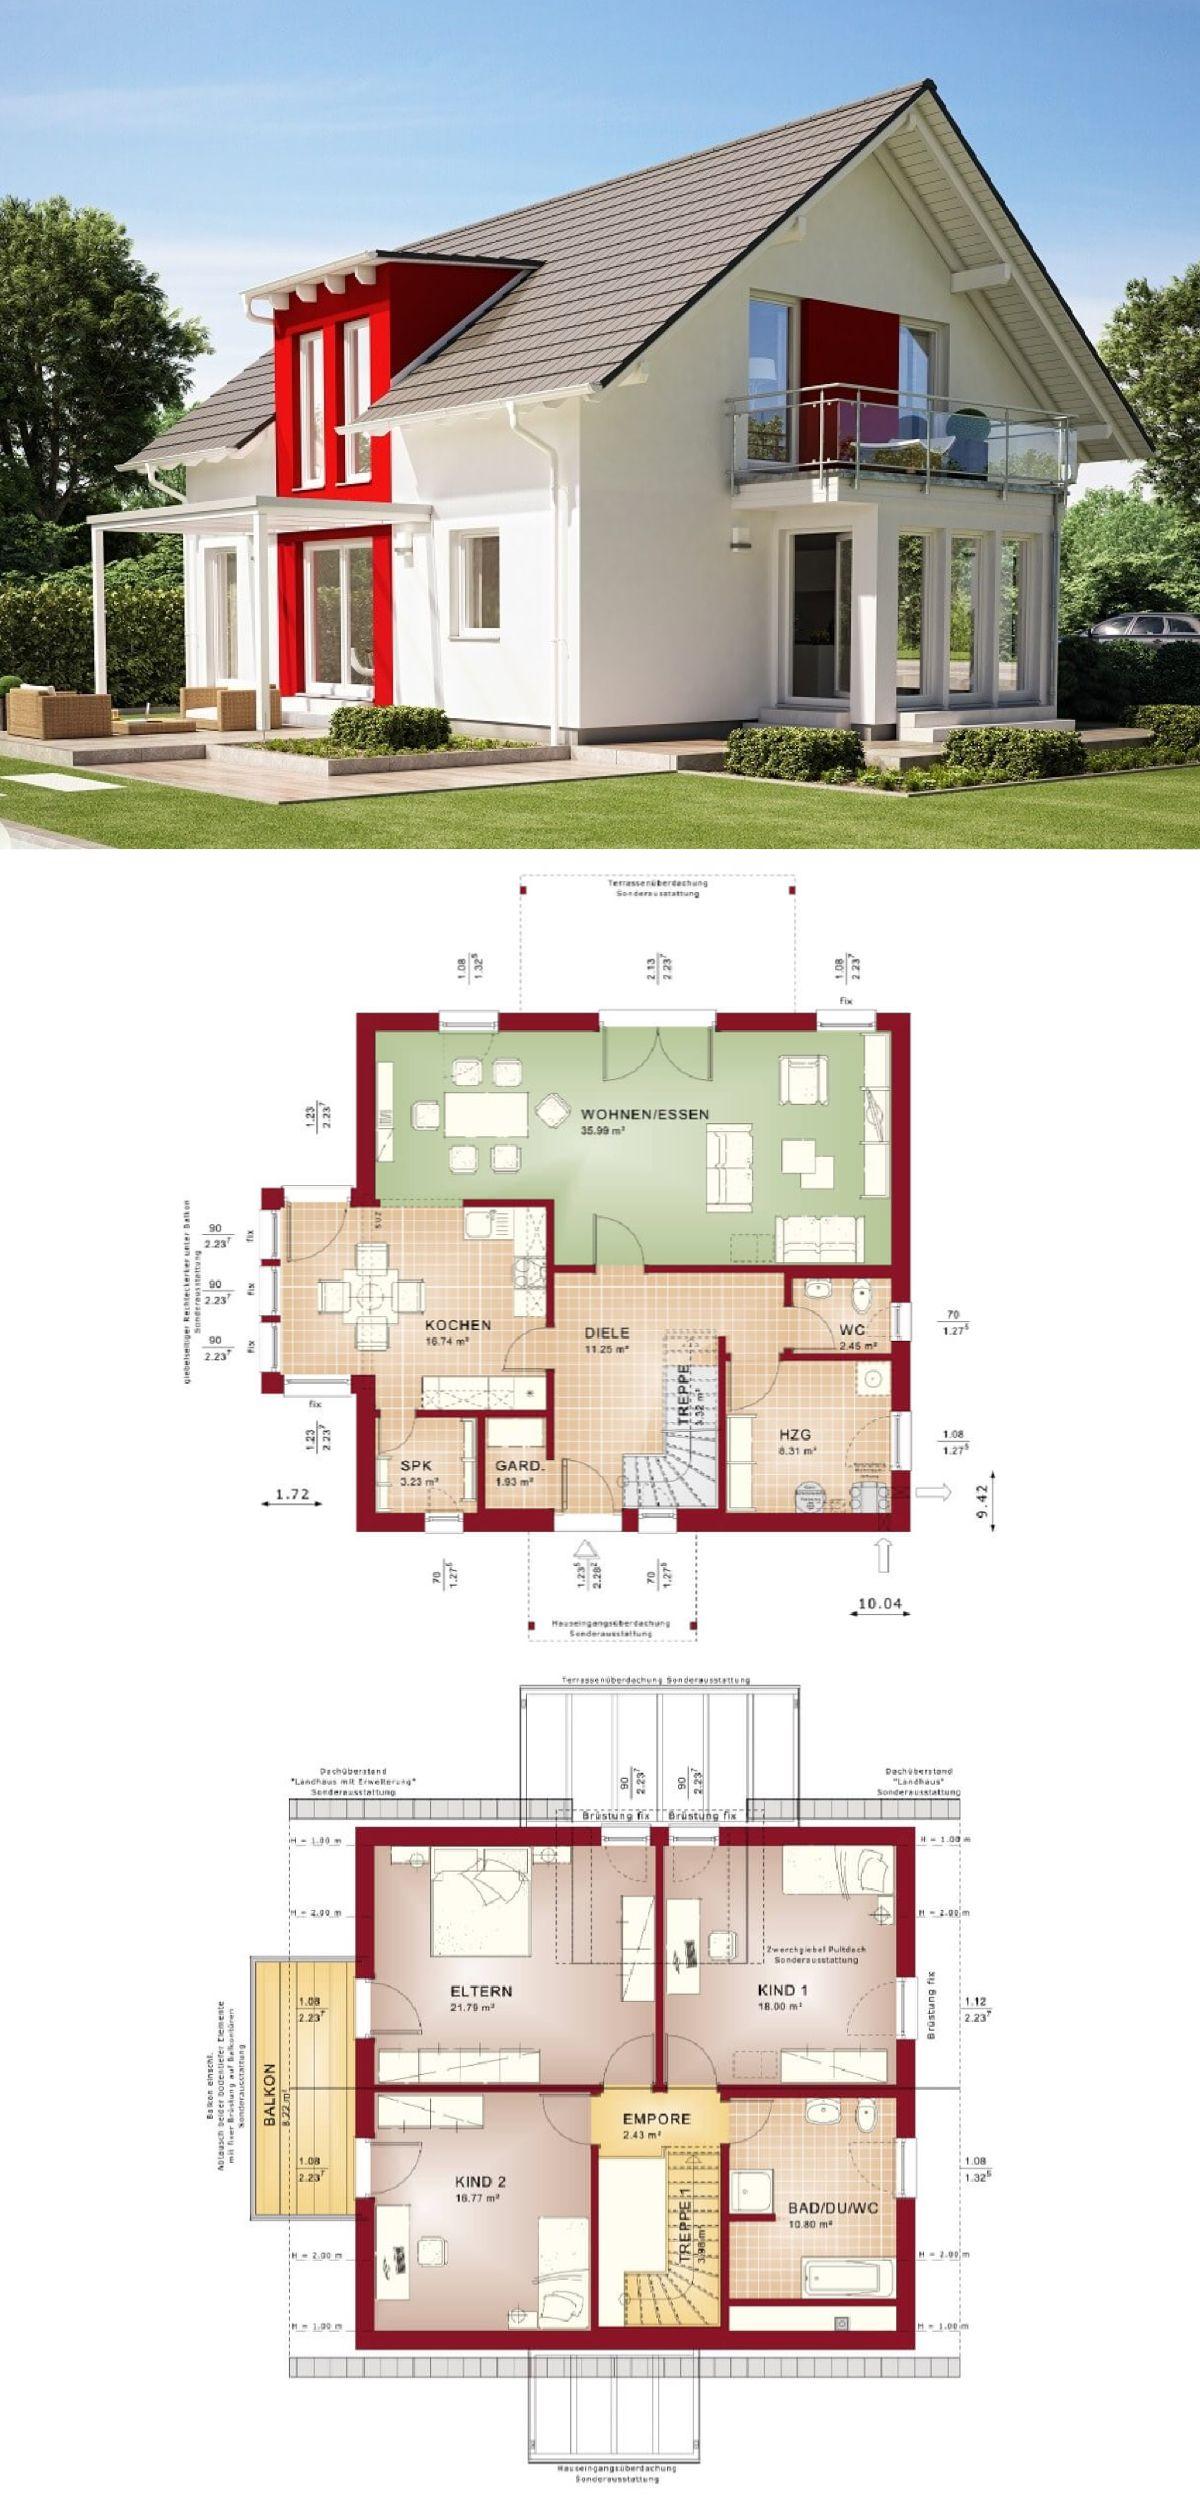 Anbau Erker einfamilienhaus klassisch mit satteldach architektur erker anbau und